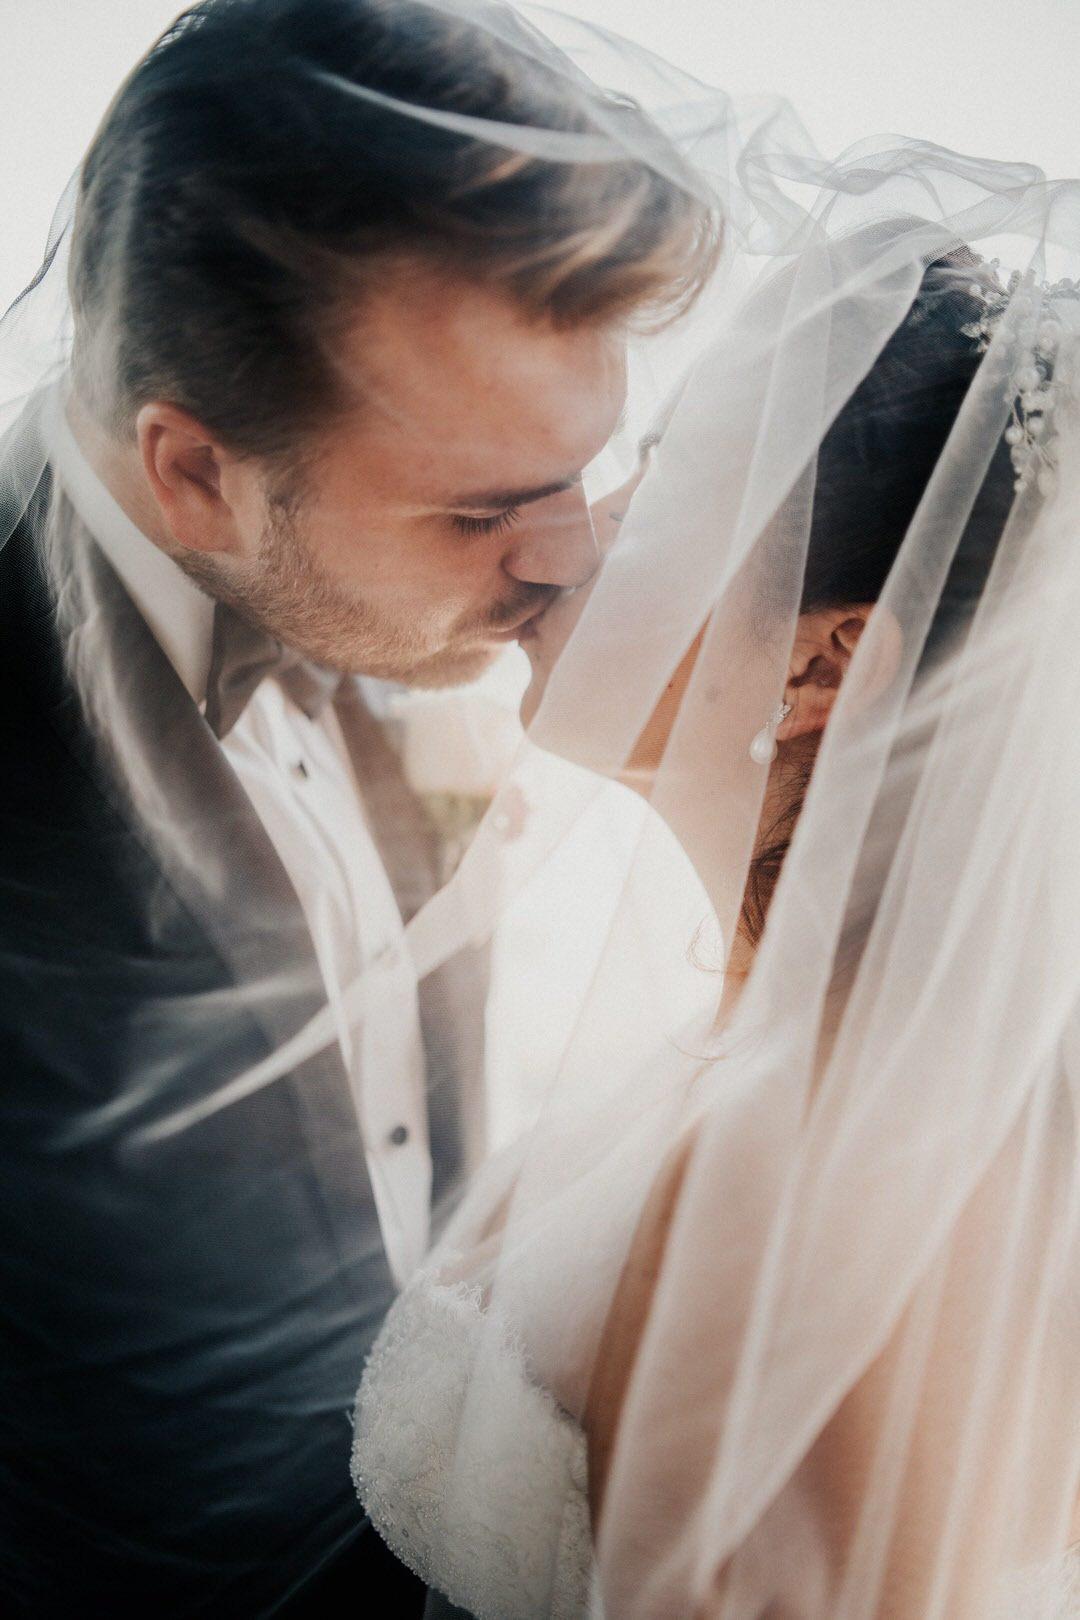 Italienische Vintage Sommer-Hochzeit mit Trauung im wetzlarer Dom und Feier in einer Hochzeitslocation in Giessen